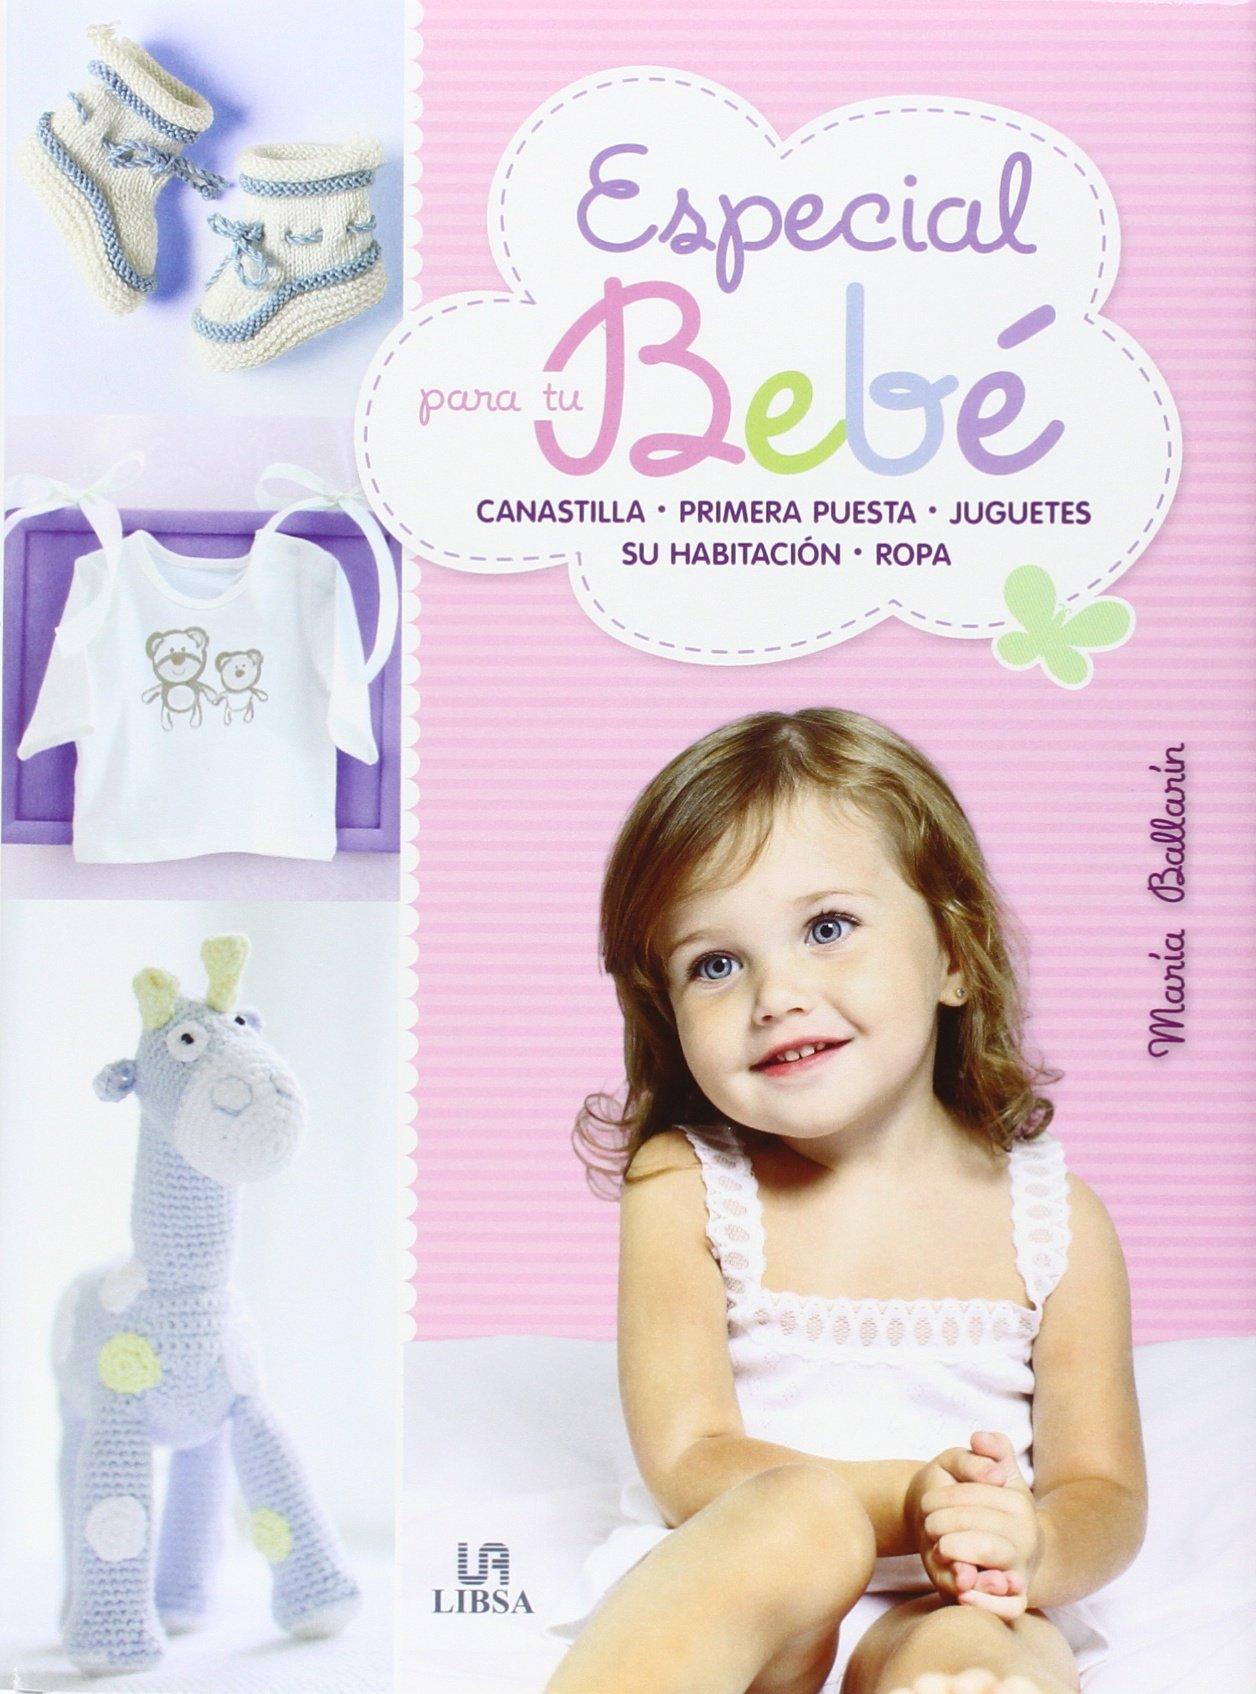 Canastilla Bebe Amazon.Especial Para Tu Bebe Lucrecia Persico Lamas 9788466231367